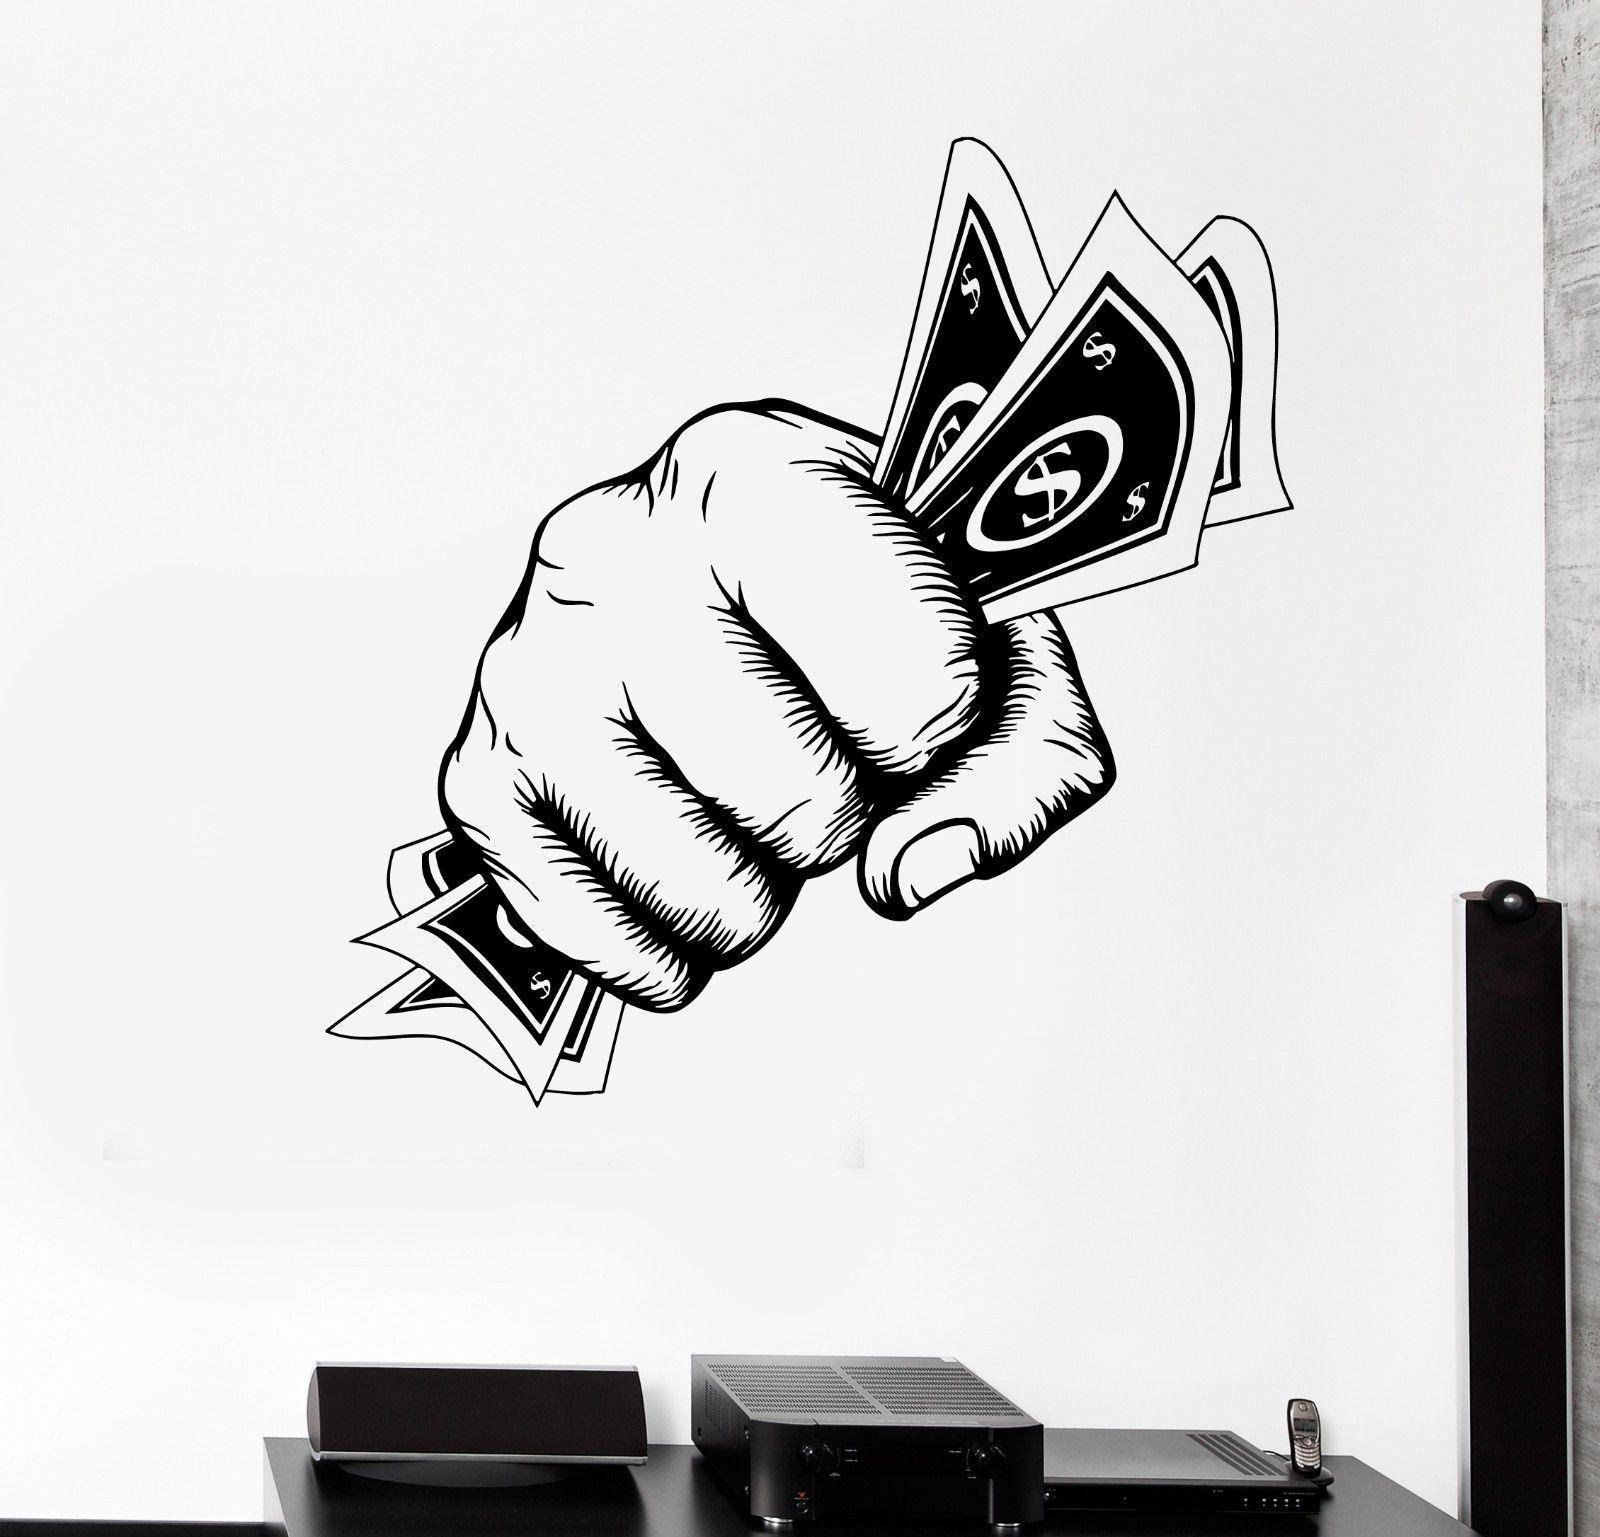 ツ)_/¯Q019 2016 Nueva caliente extraíble Adhesivos de pared dinero ...